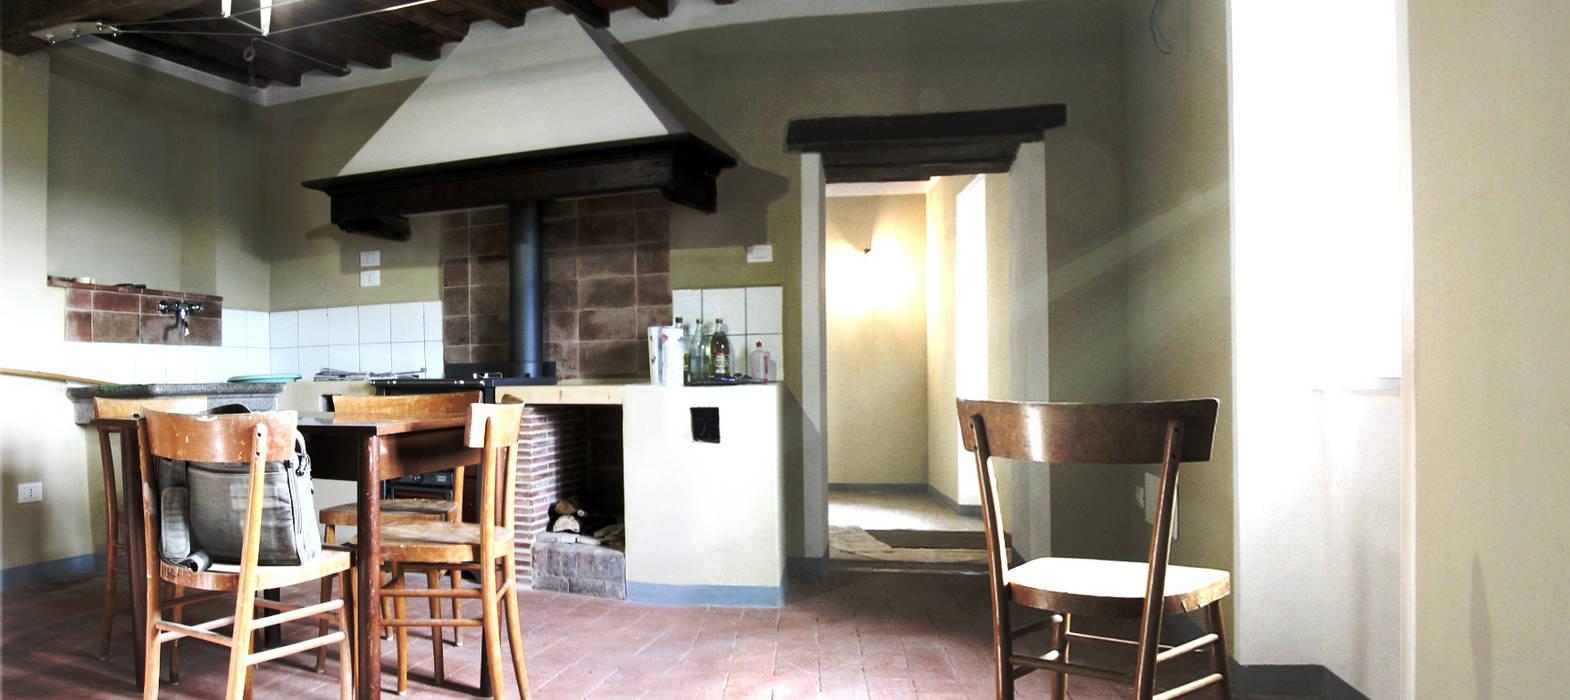 Classe a in borgo antico - ristrutturazione: cucina in stile ...